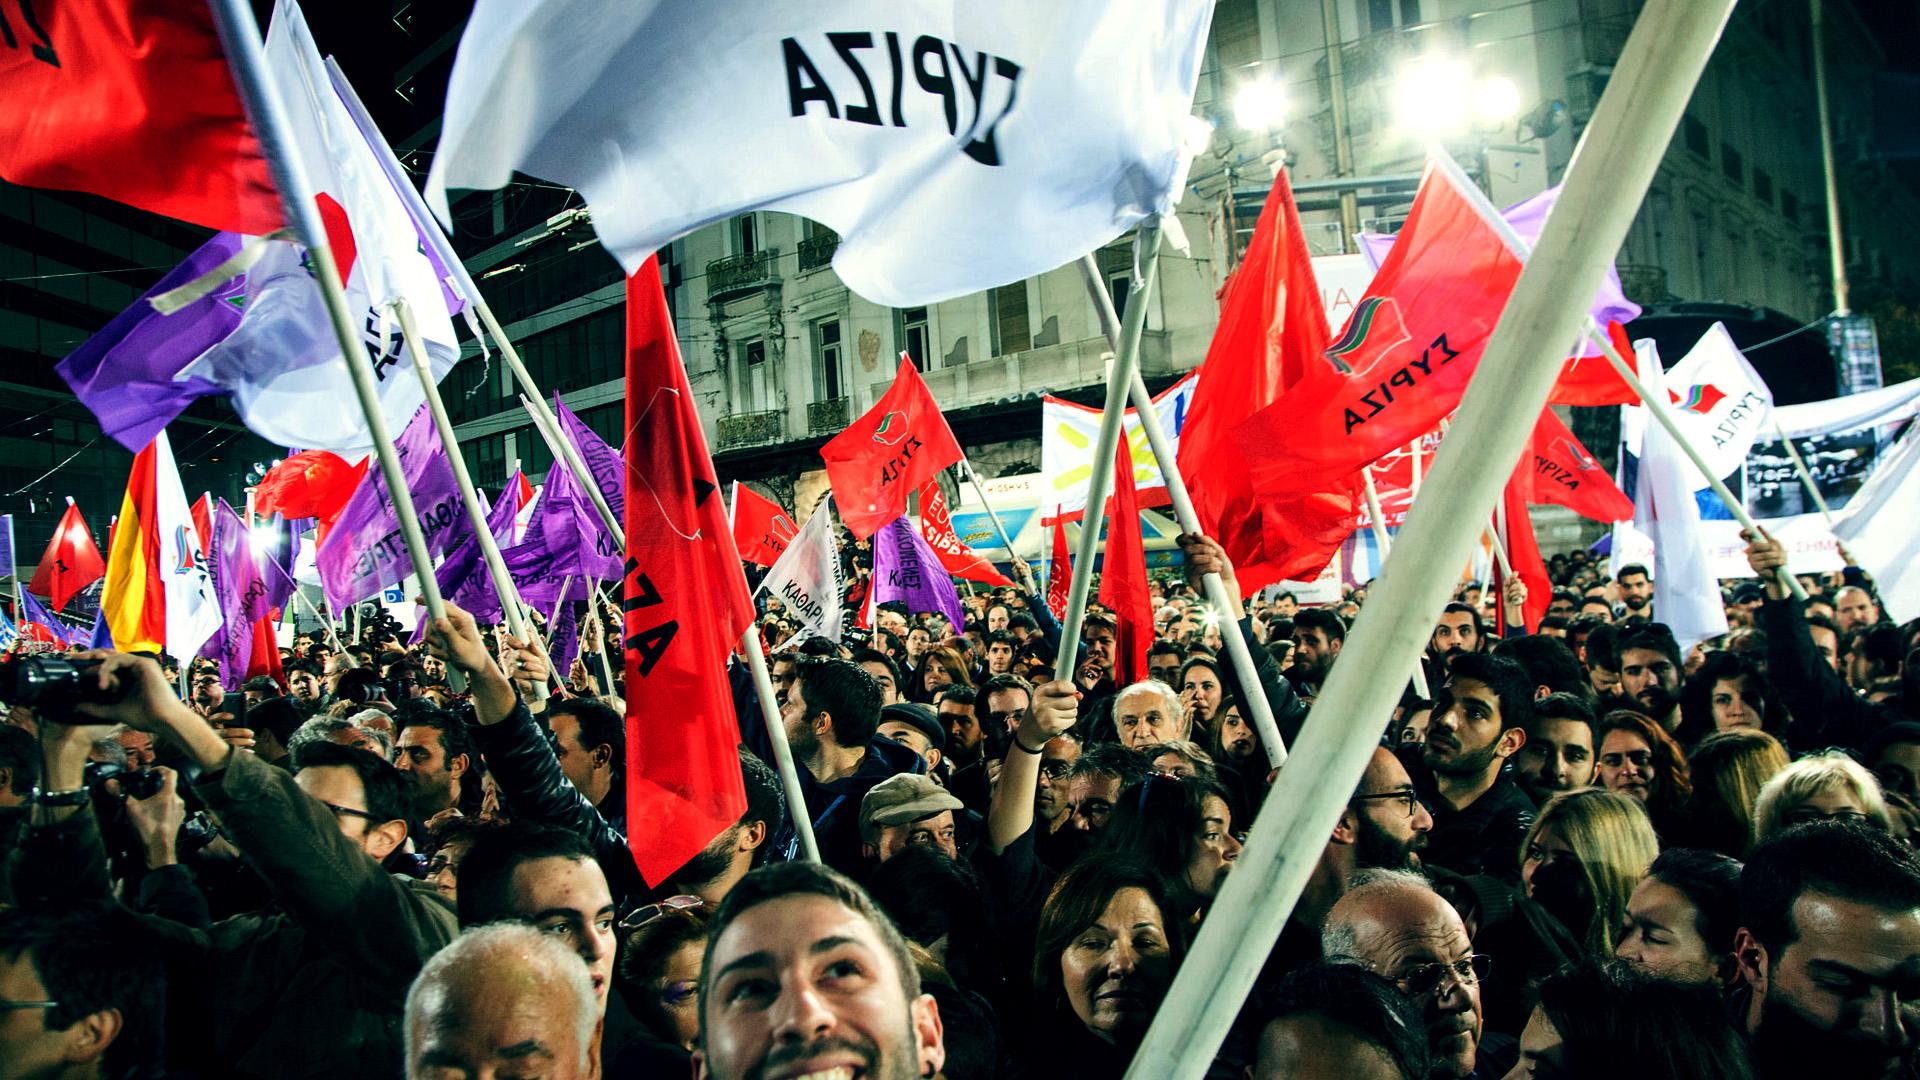 Syriza volvi a ganar en grecia el mensajero diario Ministerio del interior escrutinio